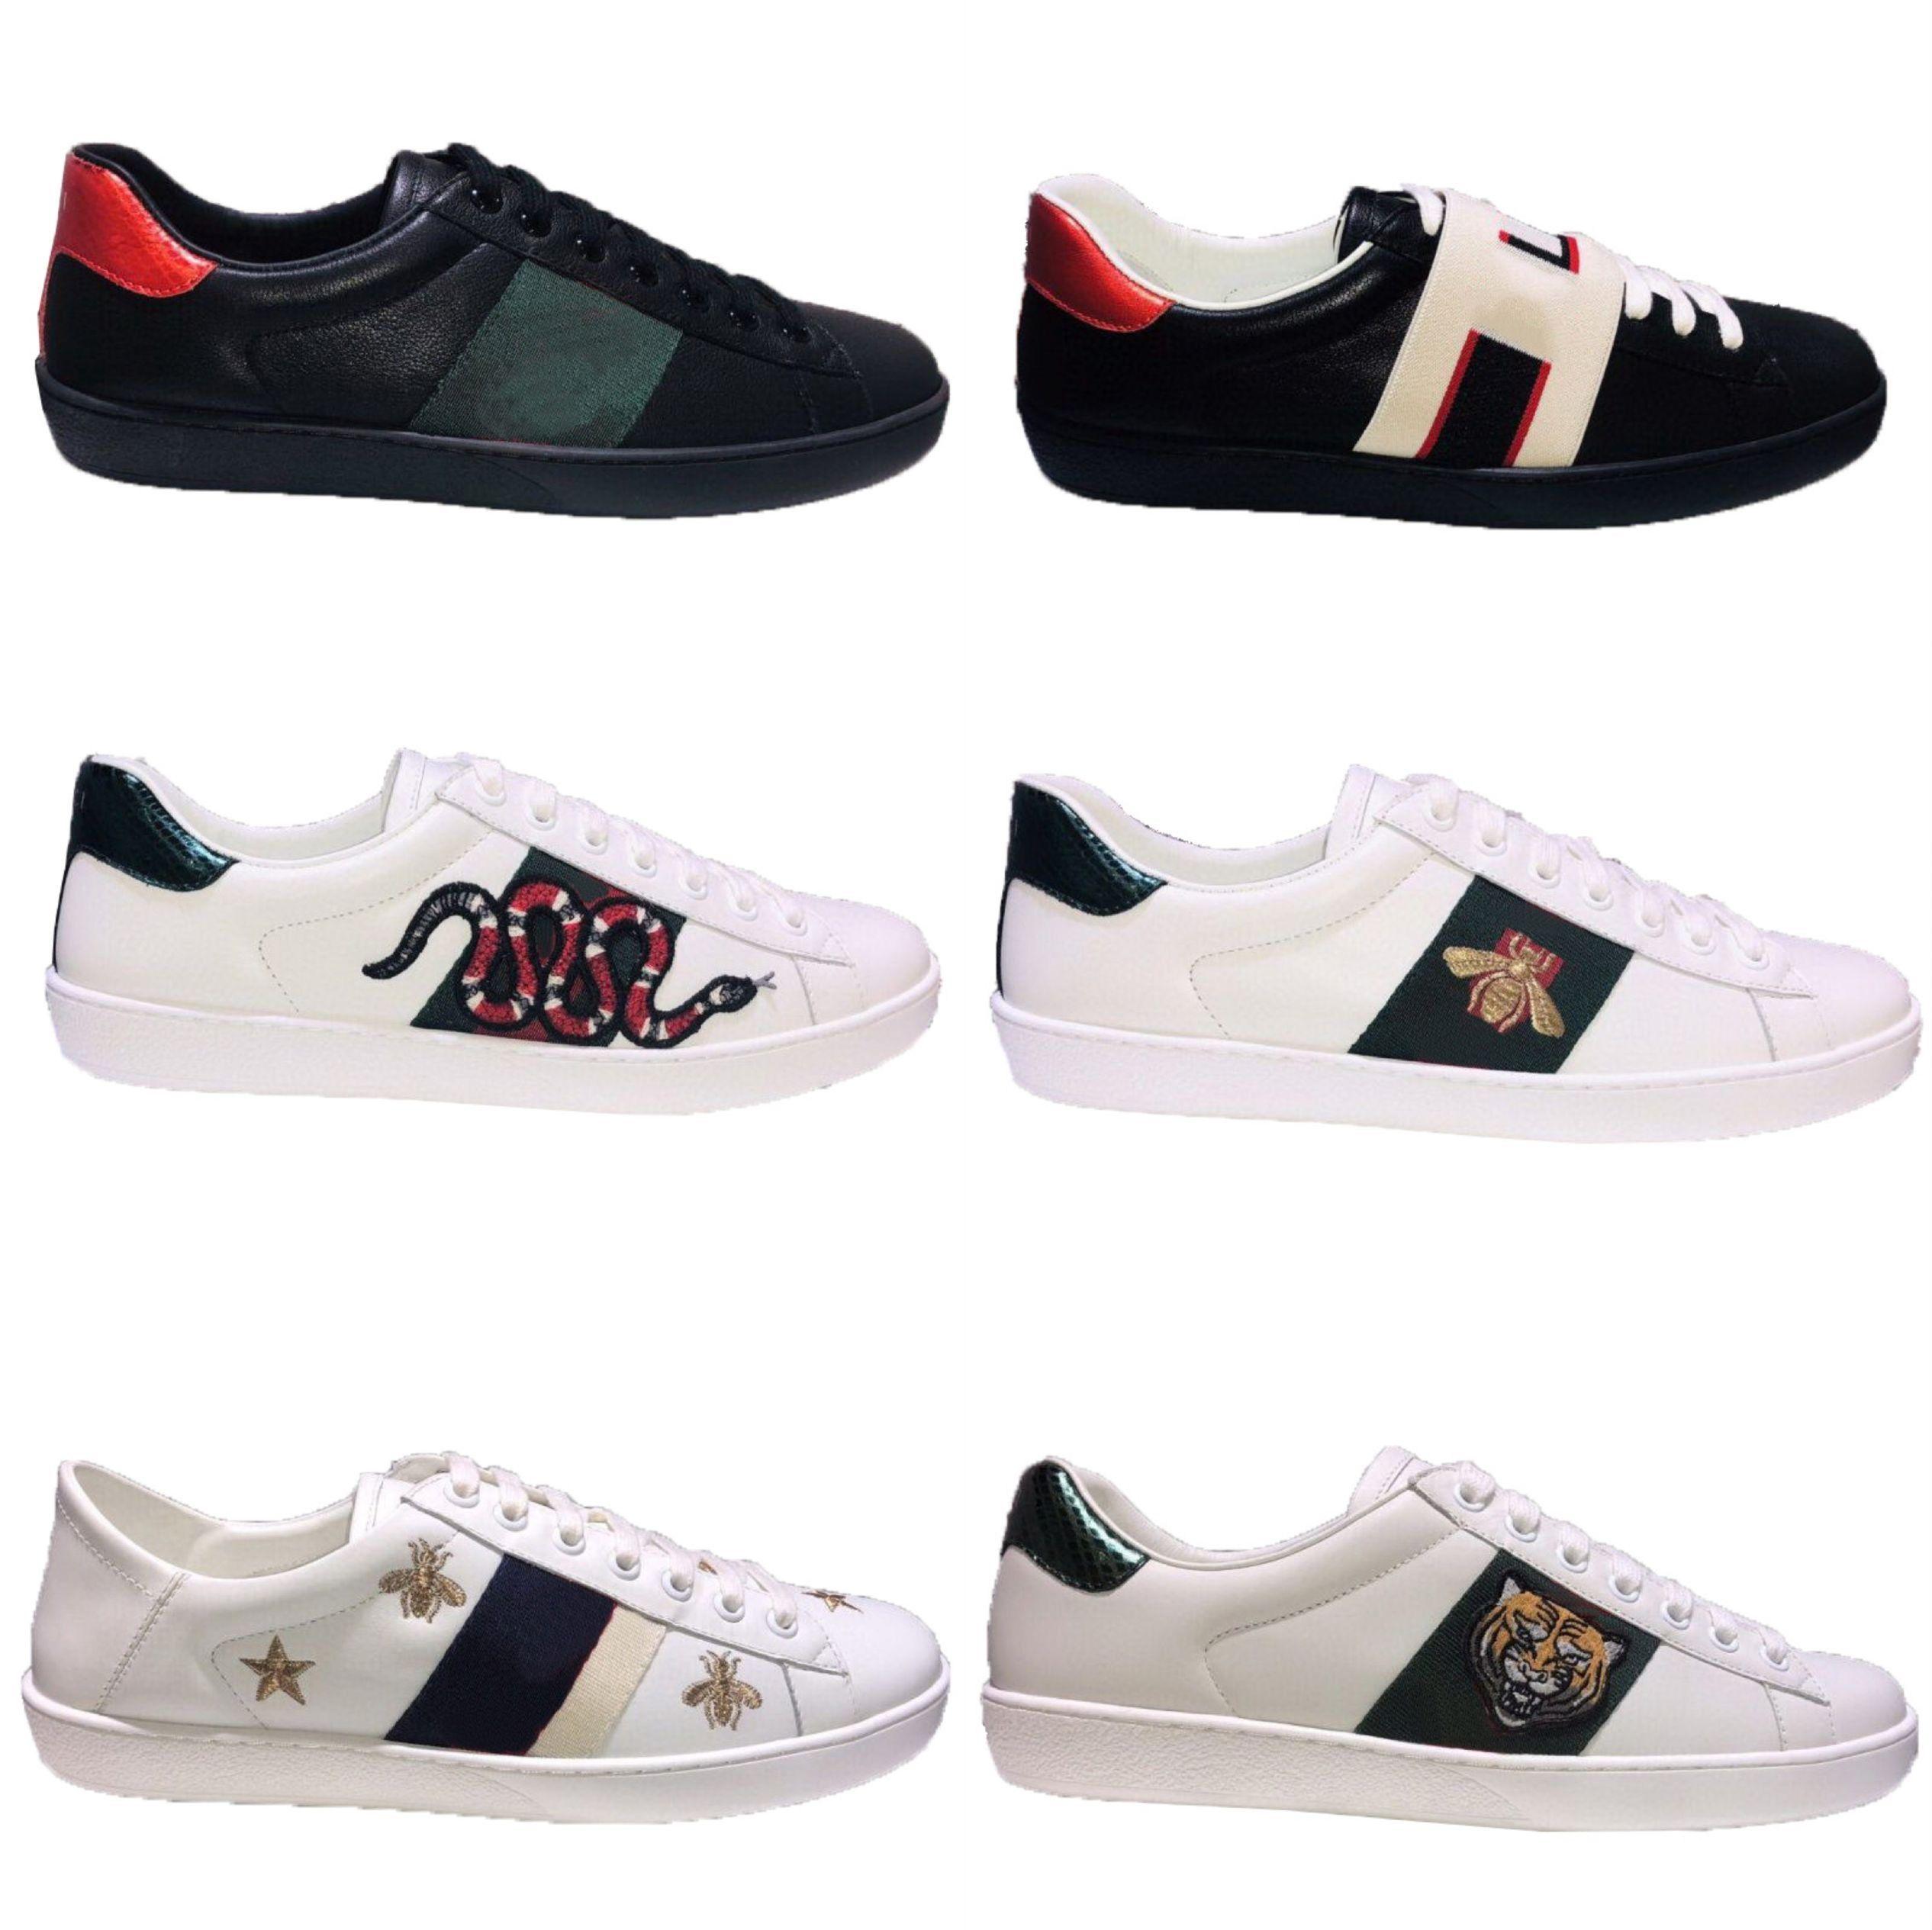 Luxurys desginters homens mulheres chegada tênis sapatos casuais top qualidade genuíno couro ace abelha bordado desginer sapatilhas tamanho 35-46